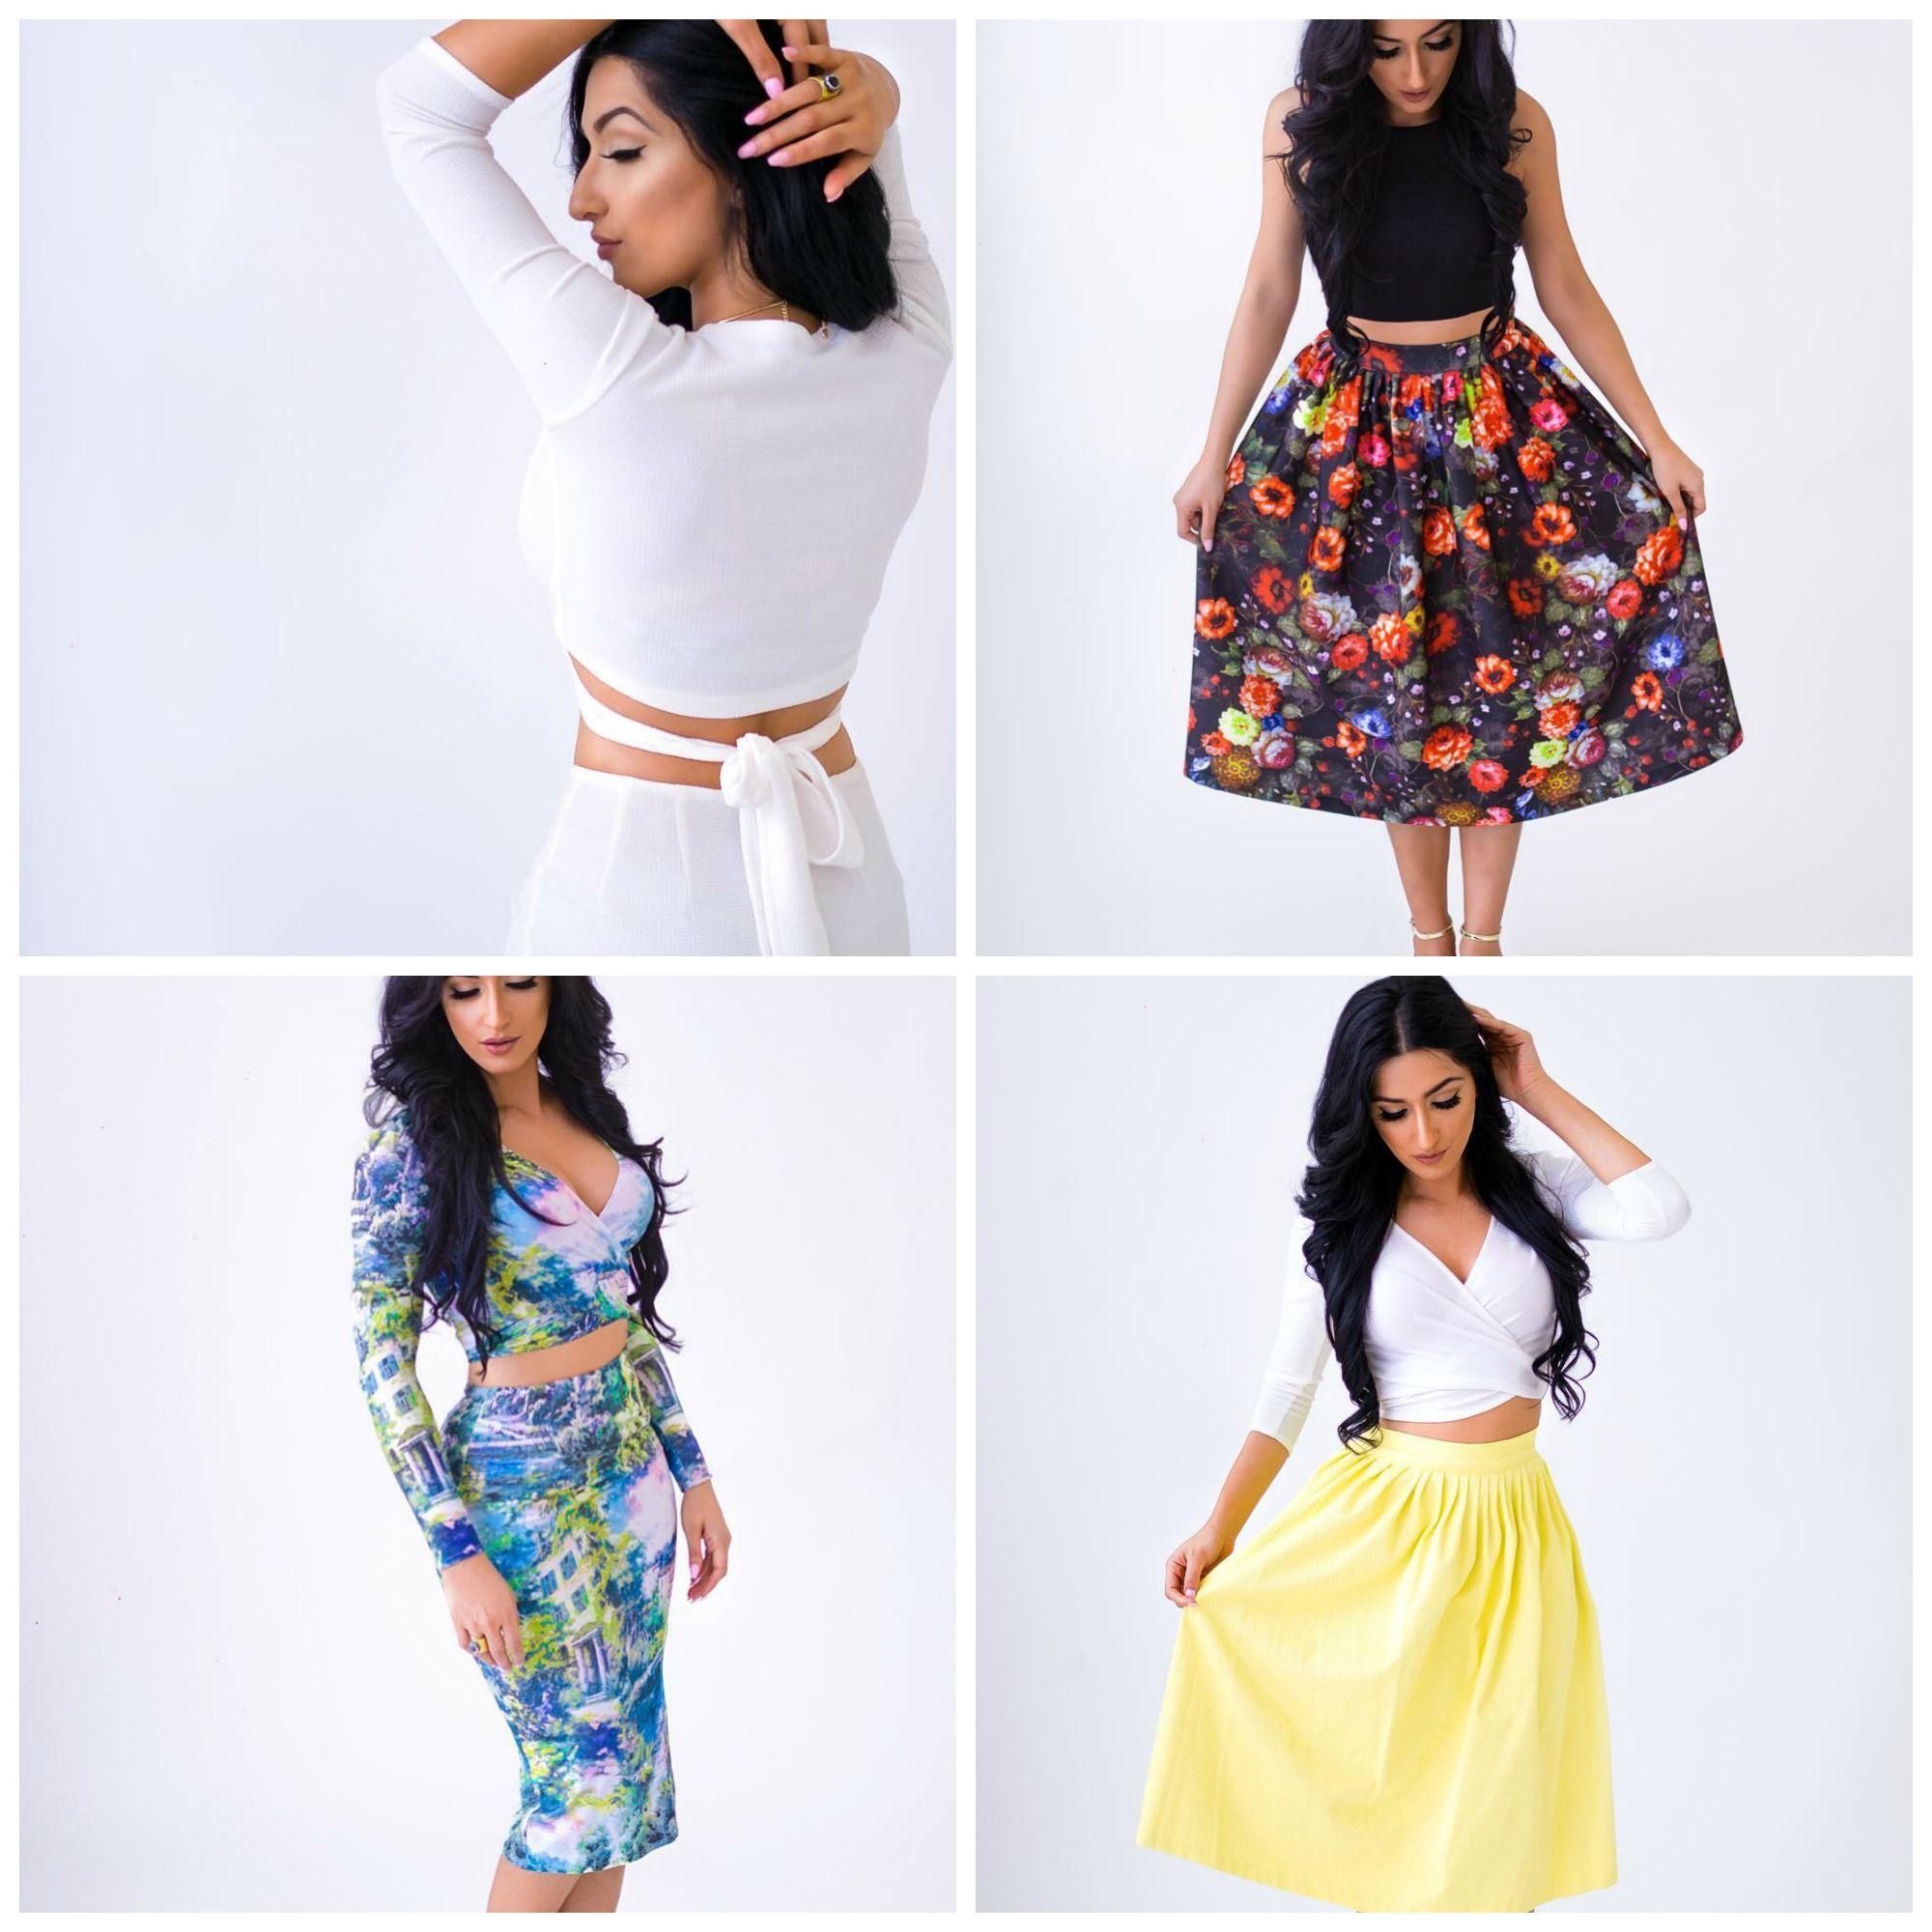 Image Rimpy Sahota Apparel Fashion Canada Fashion Fashion Design